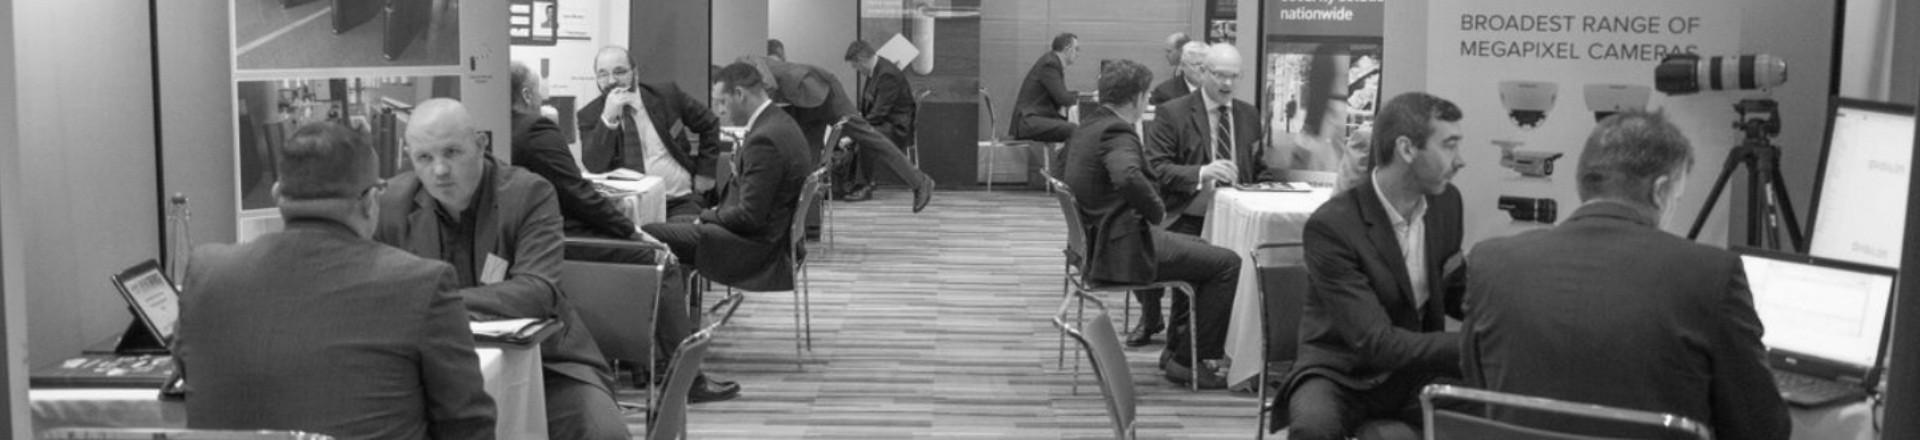 Delegates-header-image2-1920x440